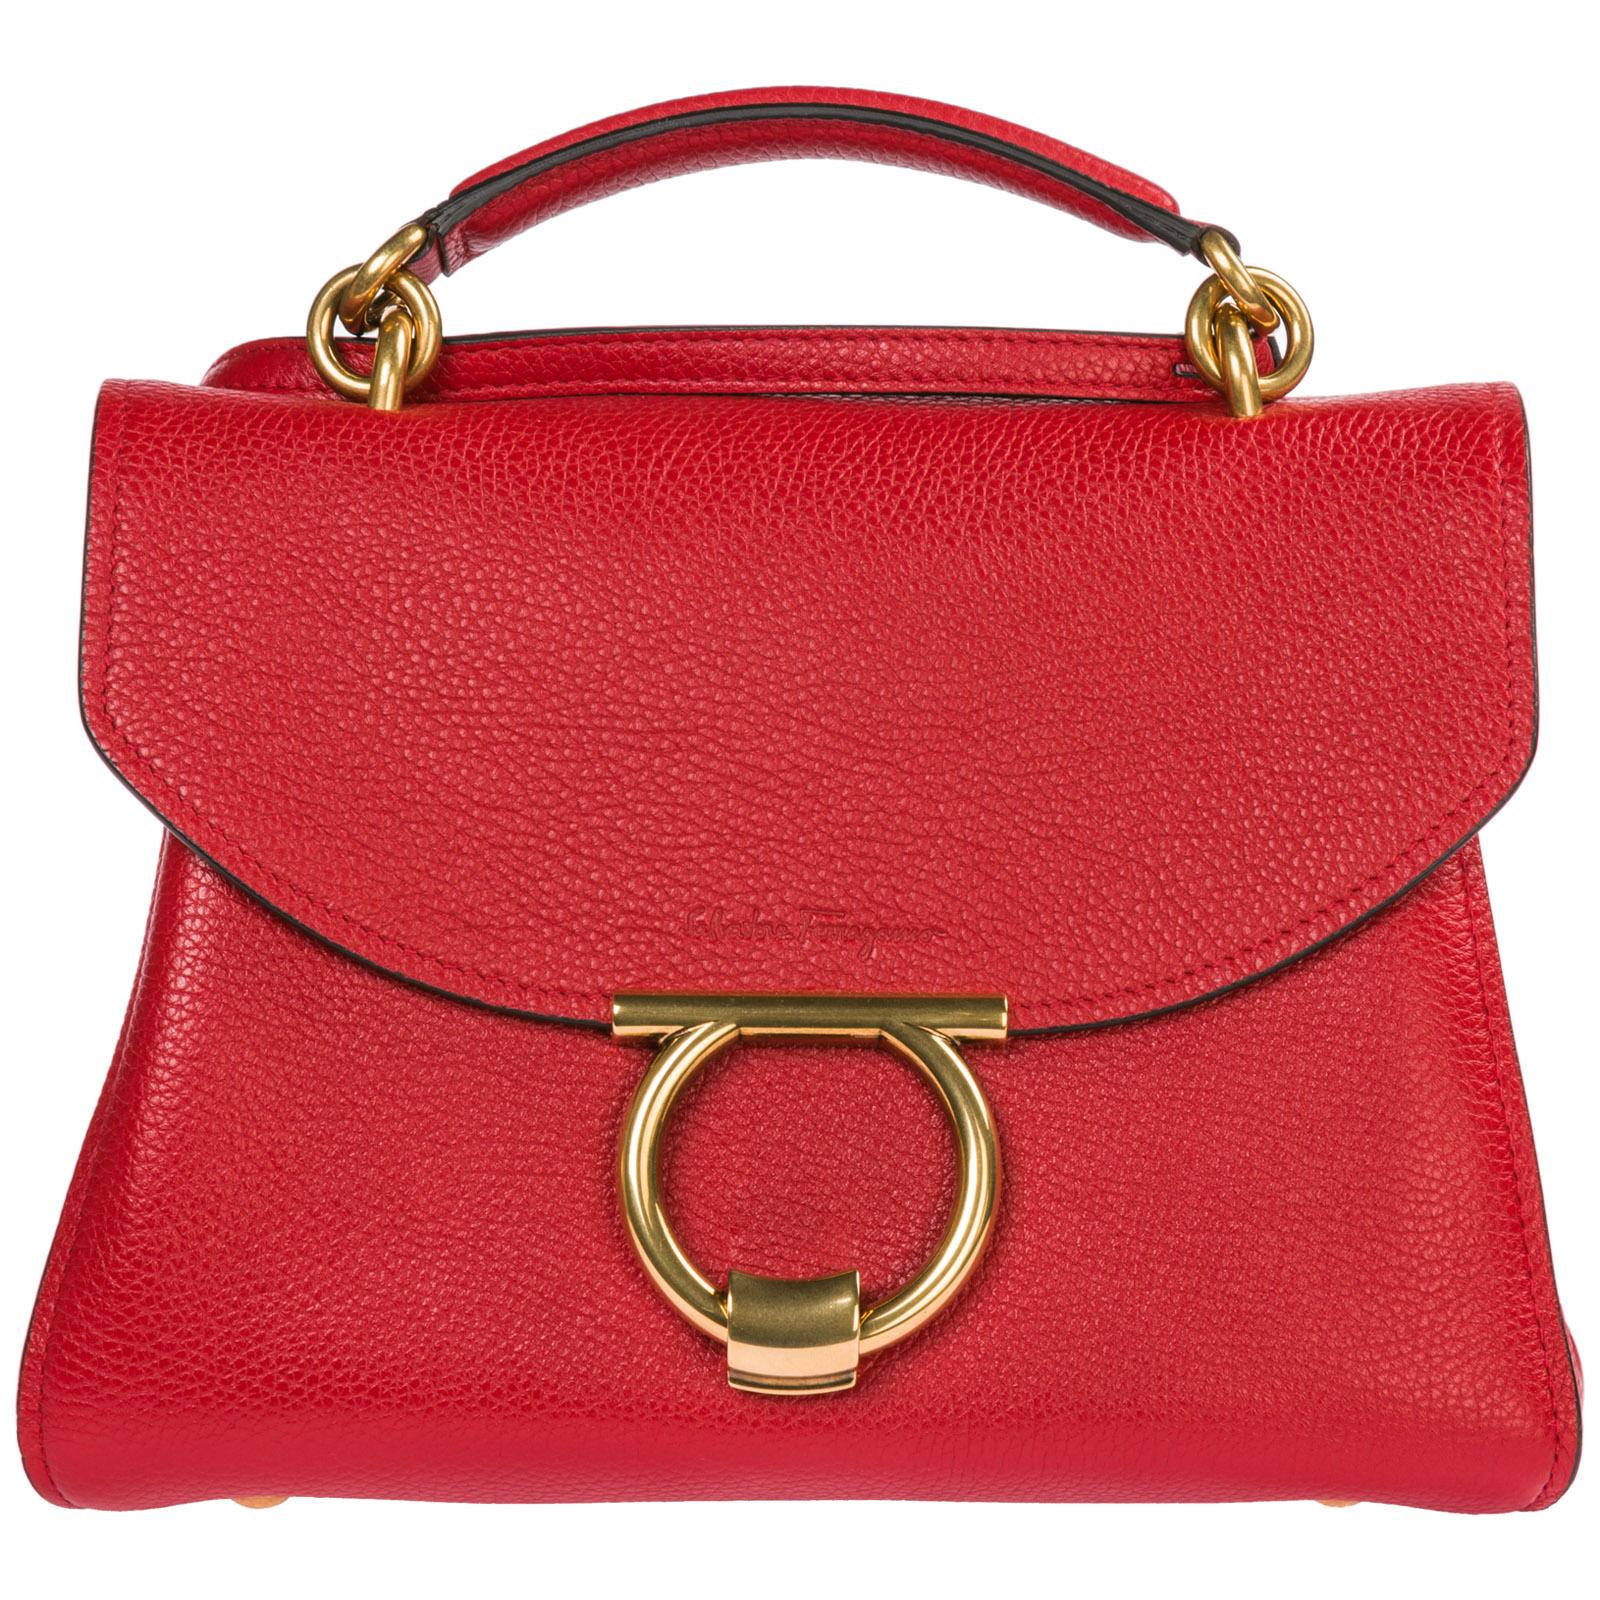 9e7bd37f37f0 Salvatore Ferragamo Women S Handbag Shopping Bag Purse Tote In Pelle In Red